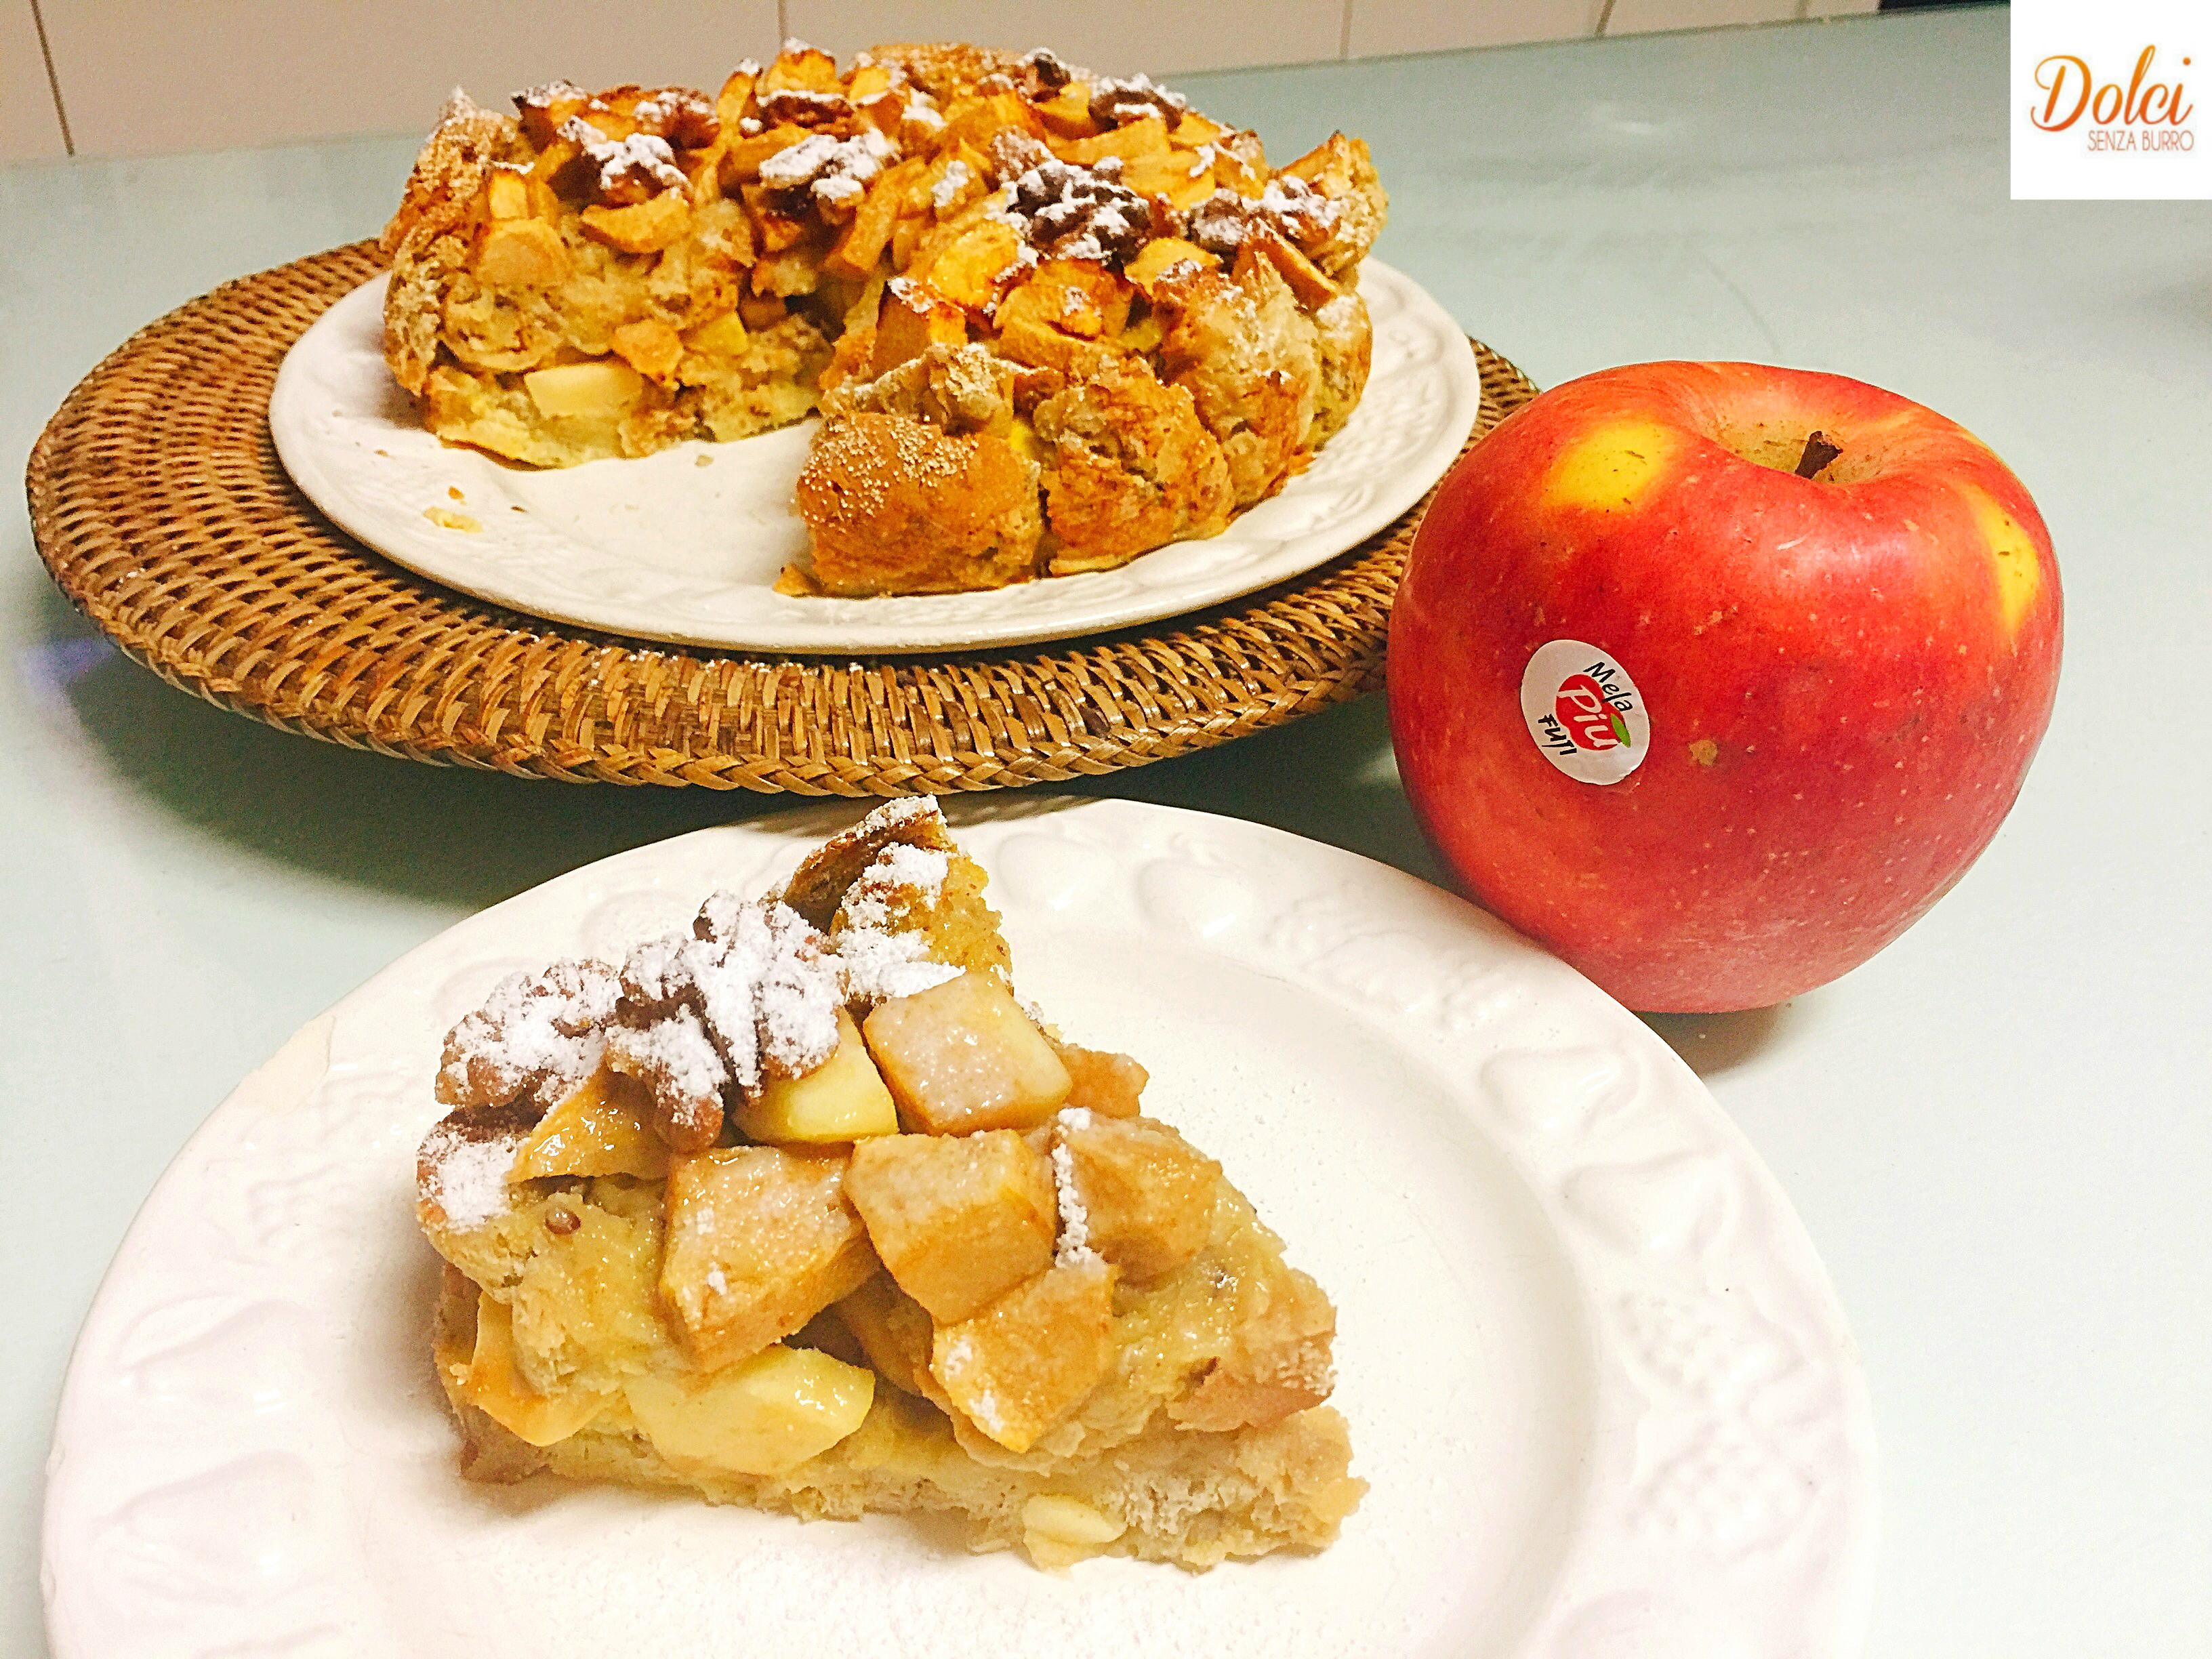 Torta di Pane e Mele Senza Burro , un dolce rustico goloso e leggero di dolci senza burro in collaborazione con MelaPiù